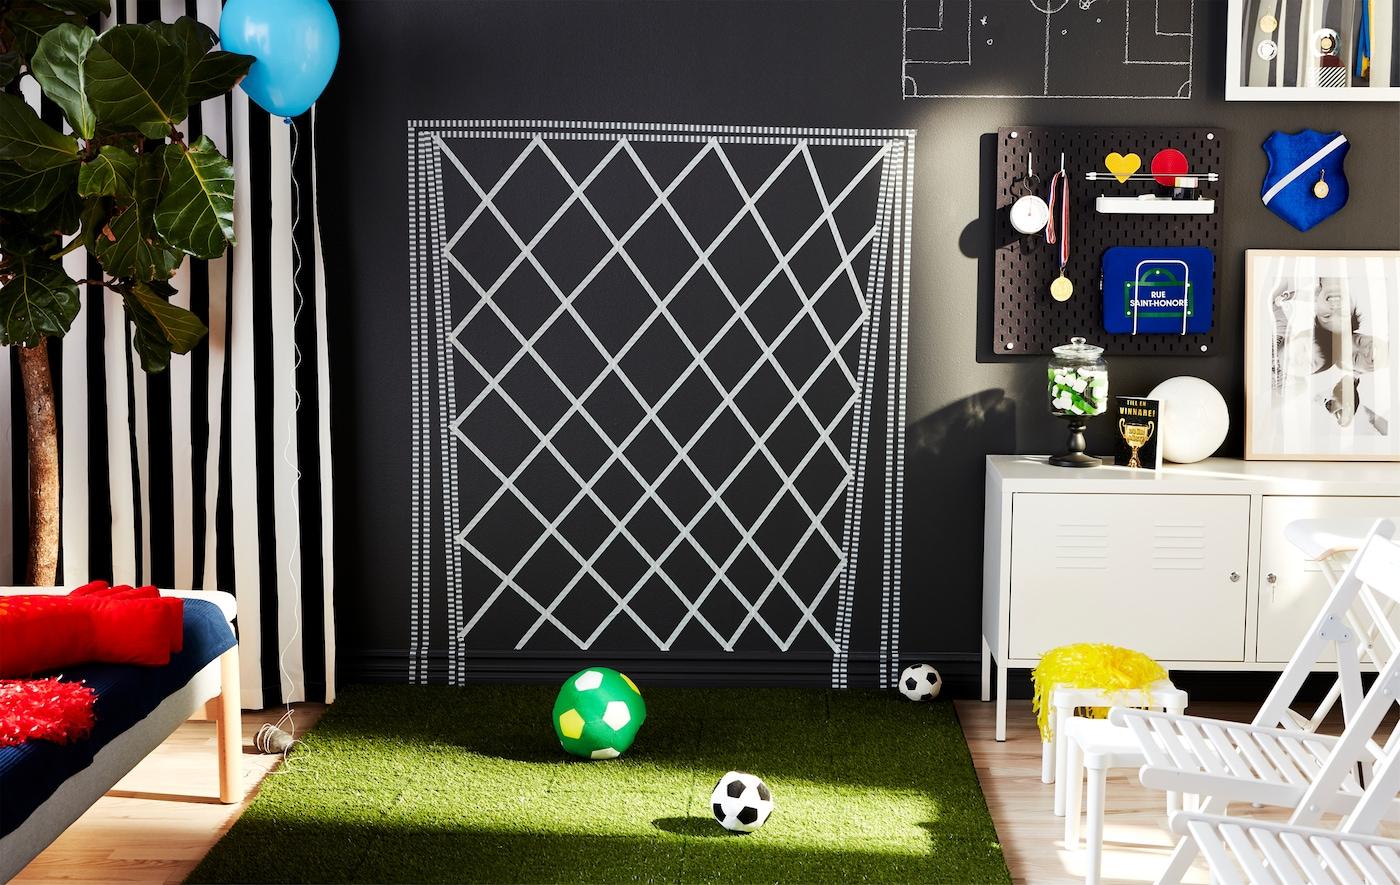 غرفة جلوس مع هدف كرة قدم على الحائط من الأشرطة اللاصقة، ورقعة من العشب الاصطناعي، وكرات، ومقاعد وأدوات دعم.